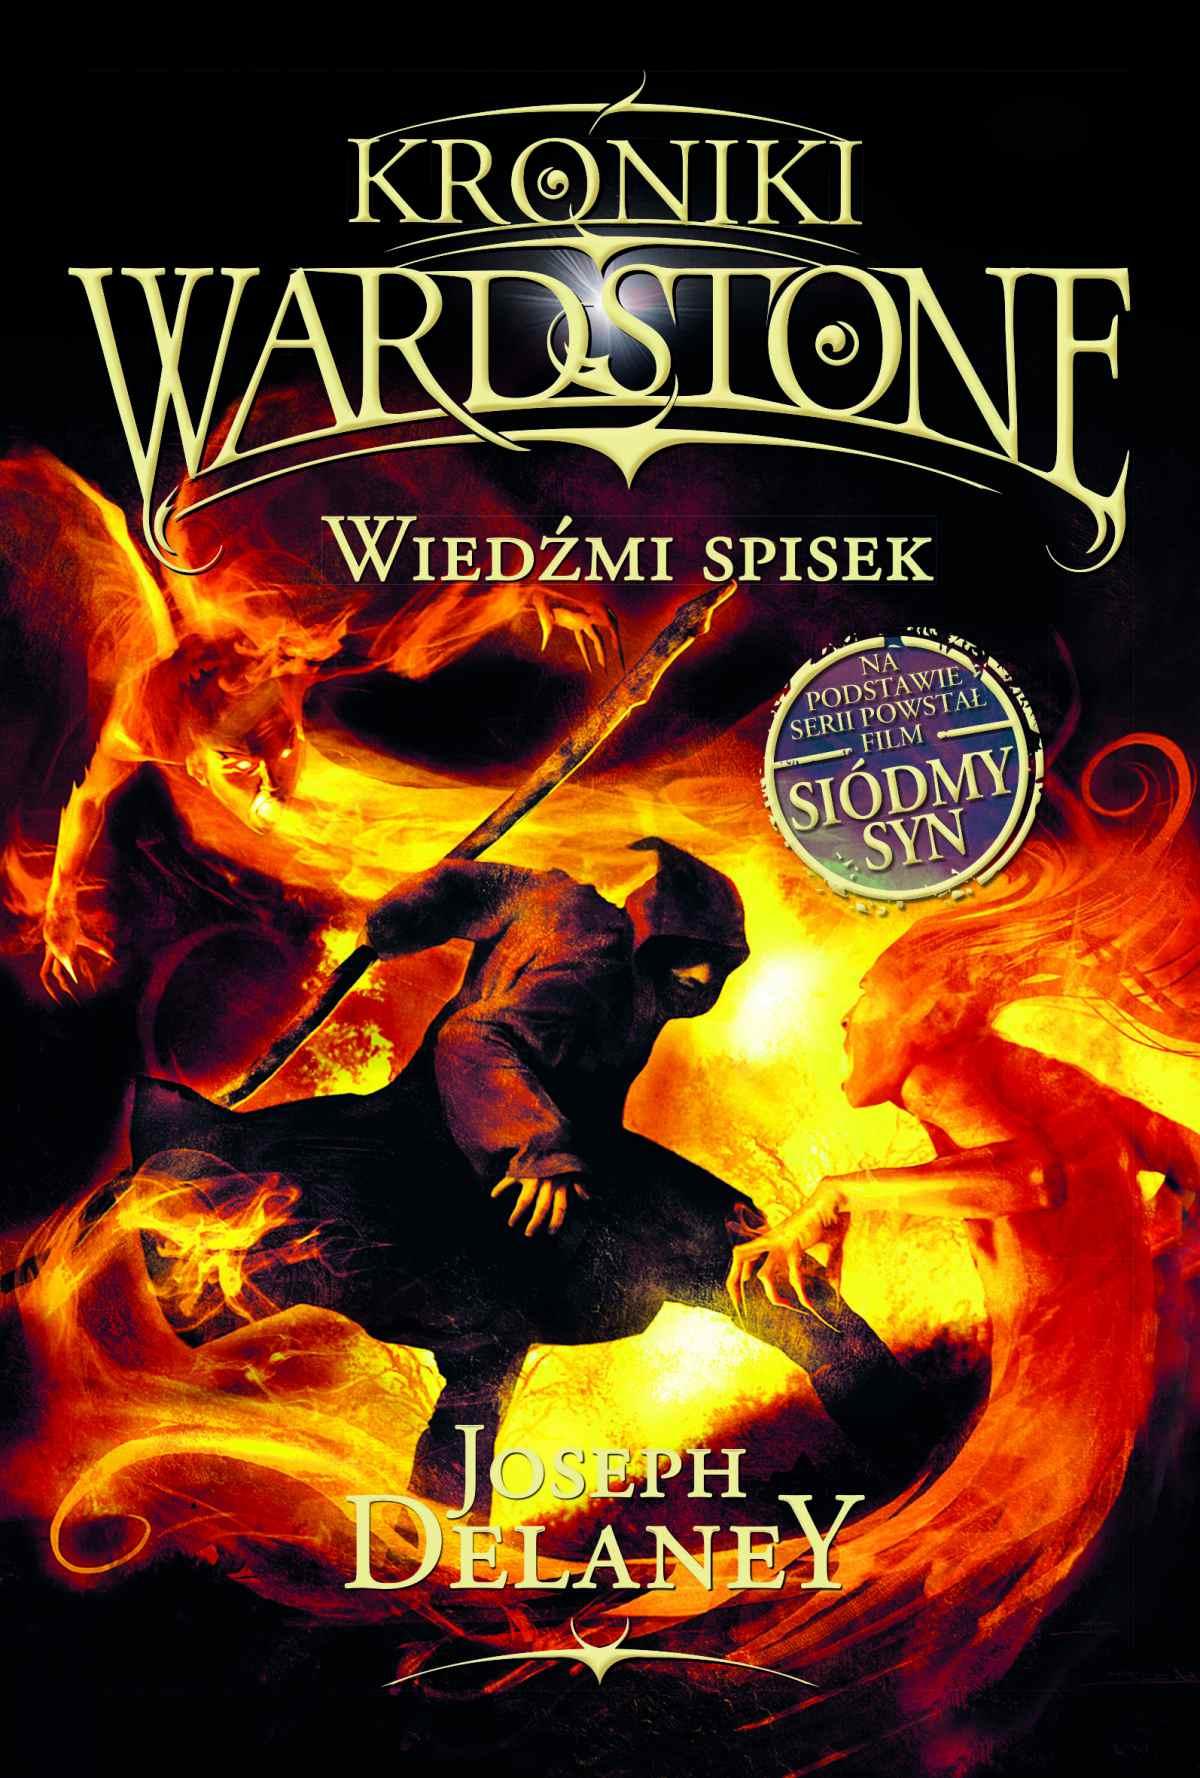 Kroniki Wardstone 4. Wiedźmi spisek - Ebook (Książka EPUB) do pobrania w formacie EPUB